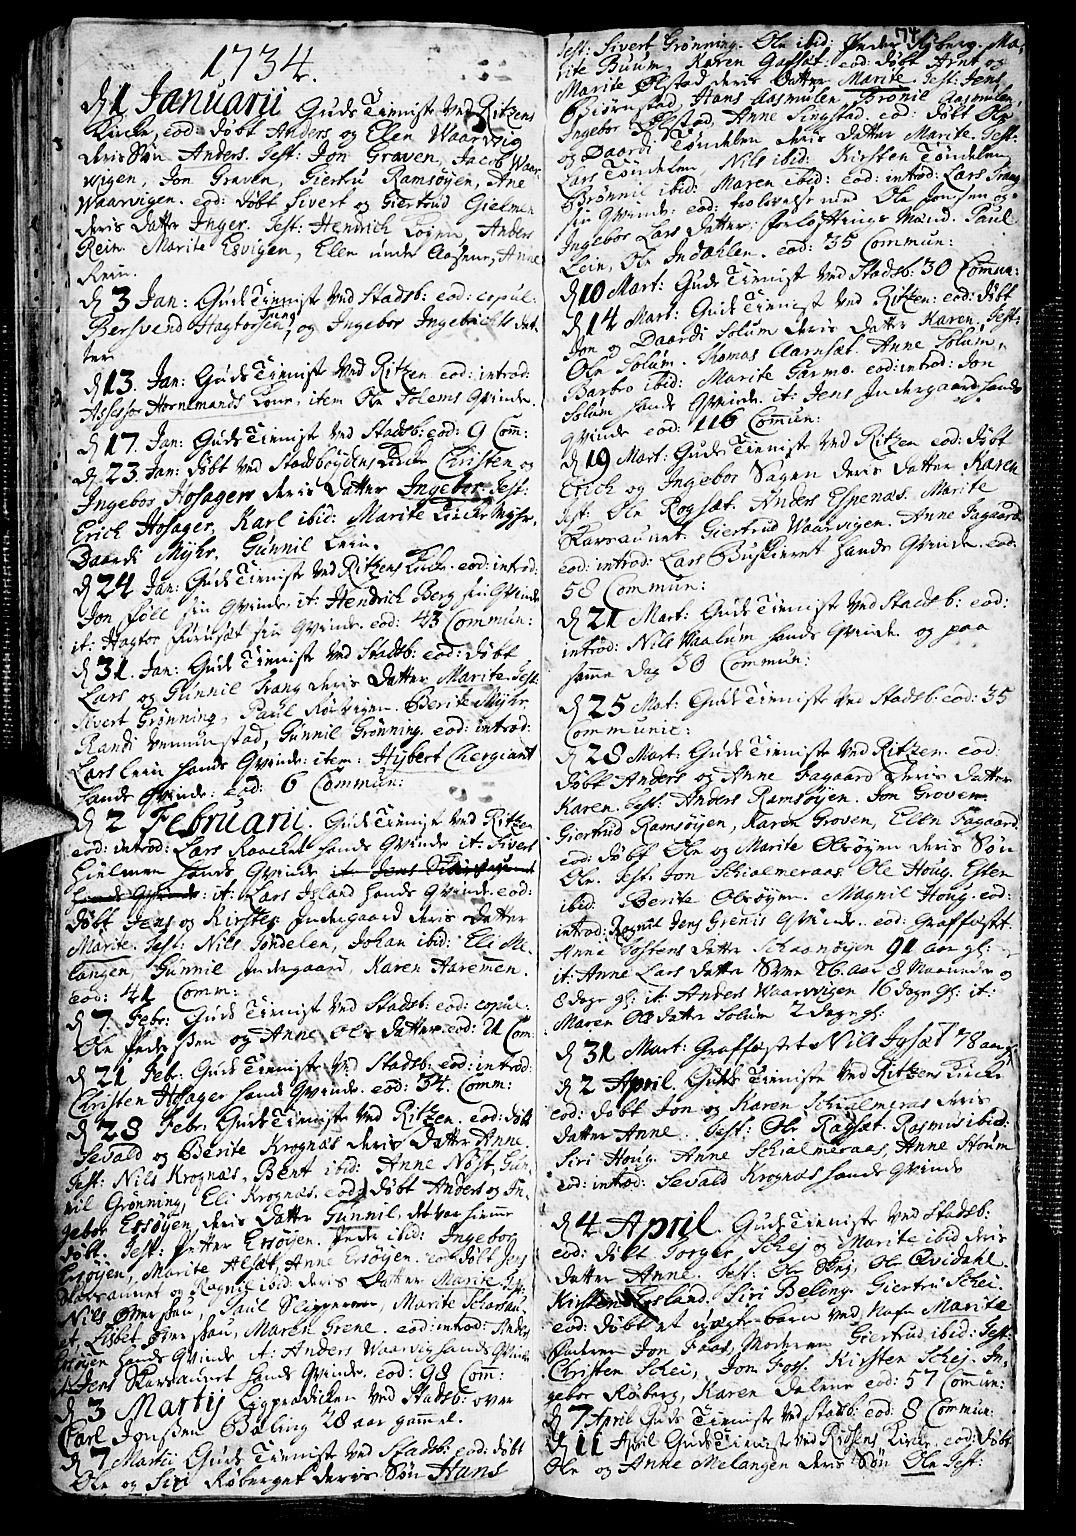 SAT, Ministerialprotokoller, klokkerbøker og fødselsregistre - Sør-Trøndelag, 646/L0603: Ministerialbok nr. 646A01, 1700-1734, s. 74